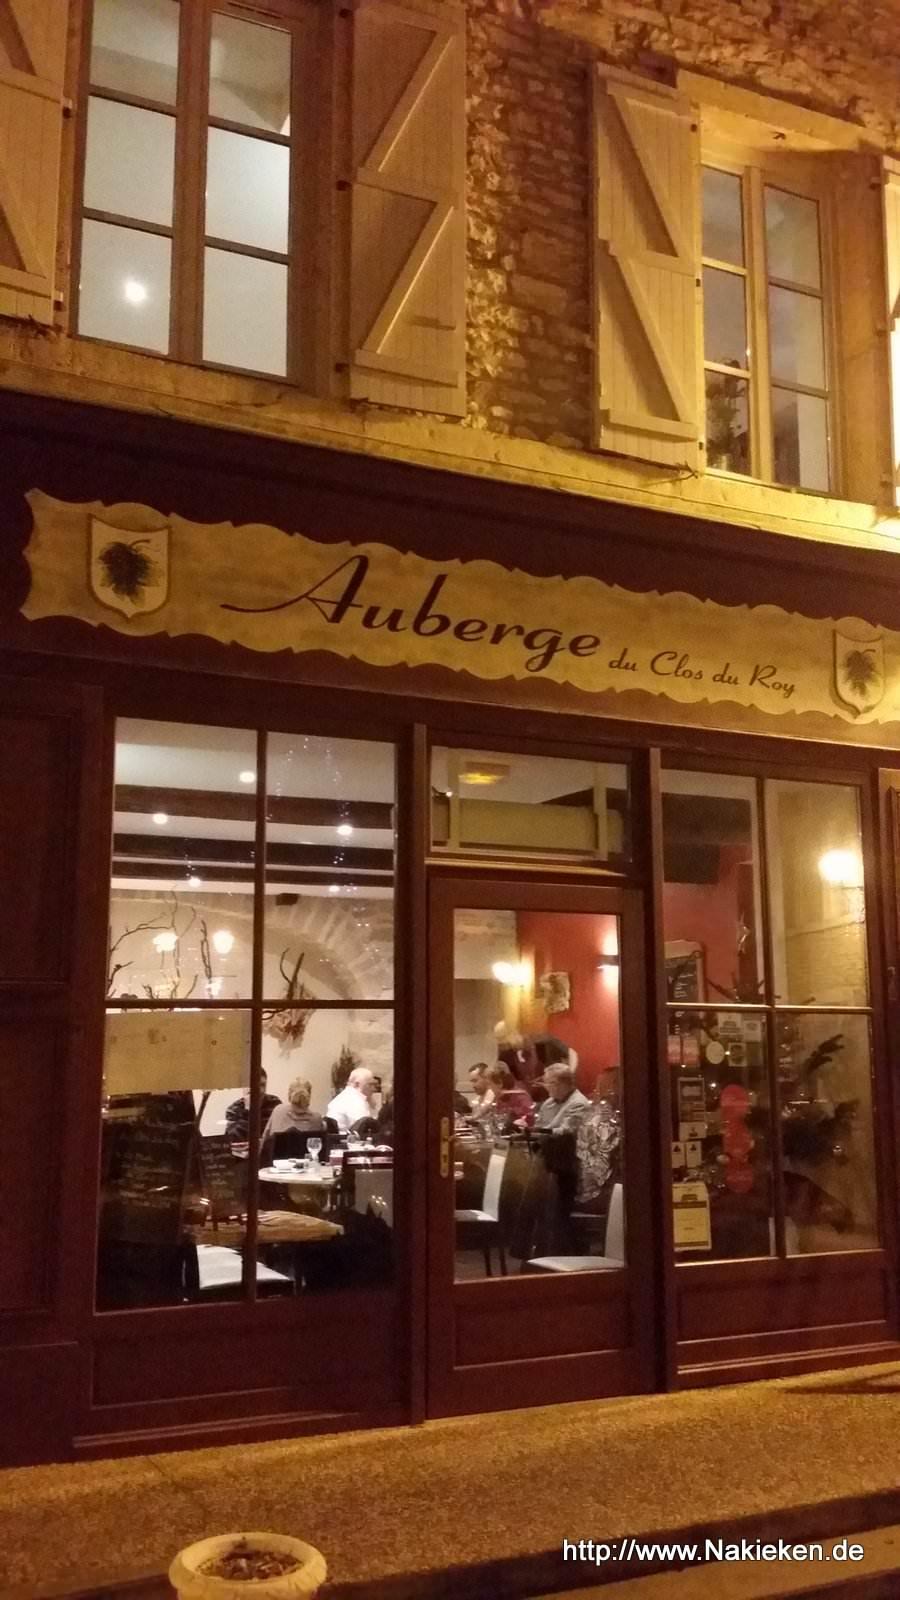 Restaurant Auberge